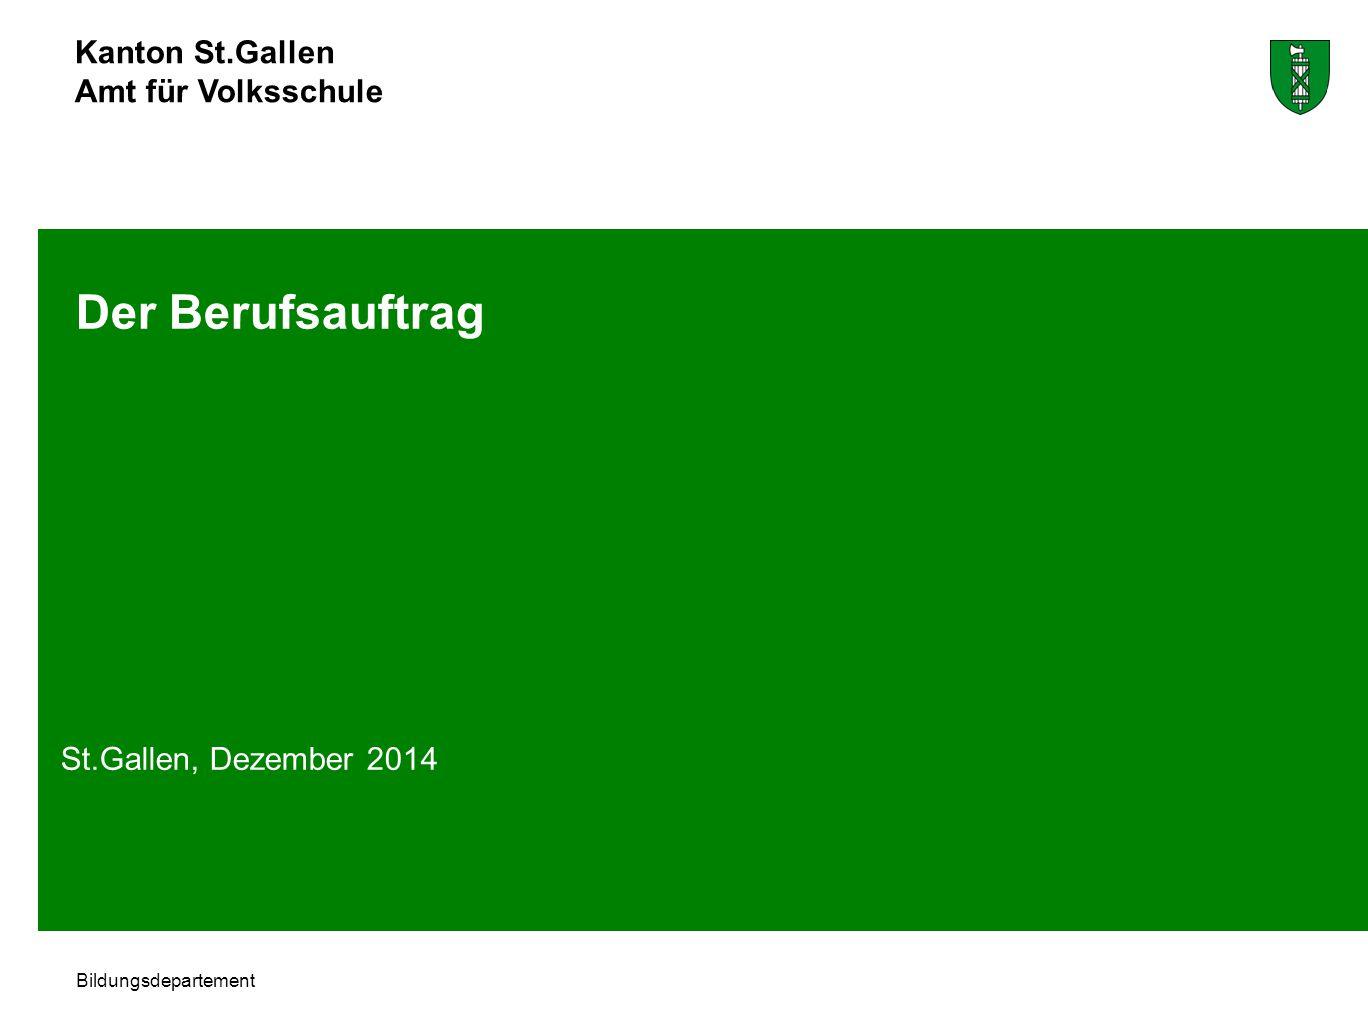 Kanton St.Gallen Amt für Volksschule Bildungsdepartement Der Berufsauftrag St.Gallen, Dezember 2014